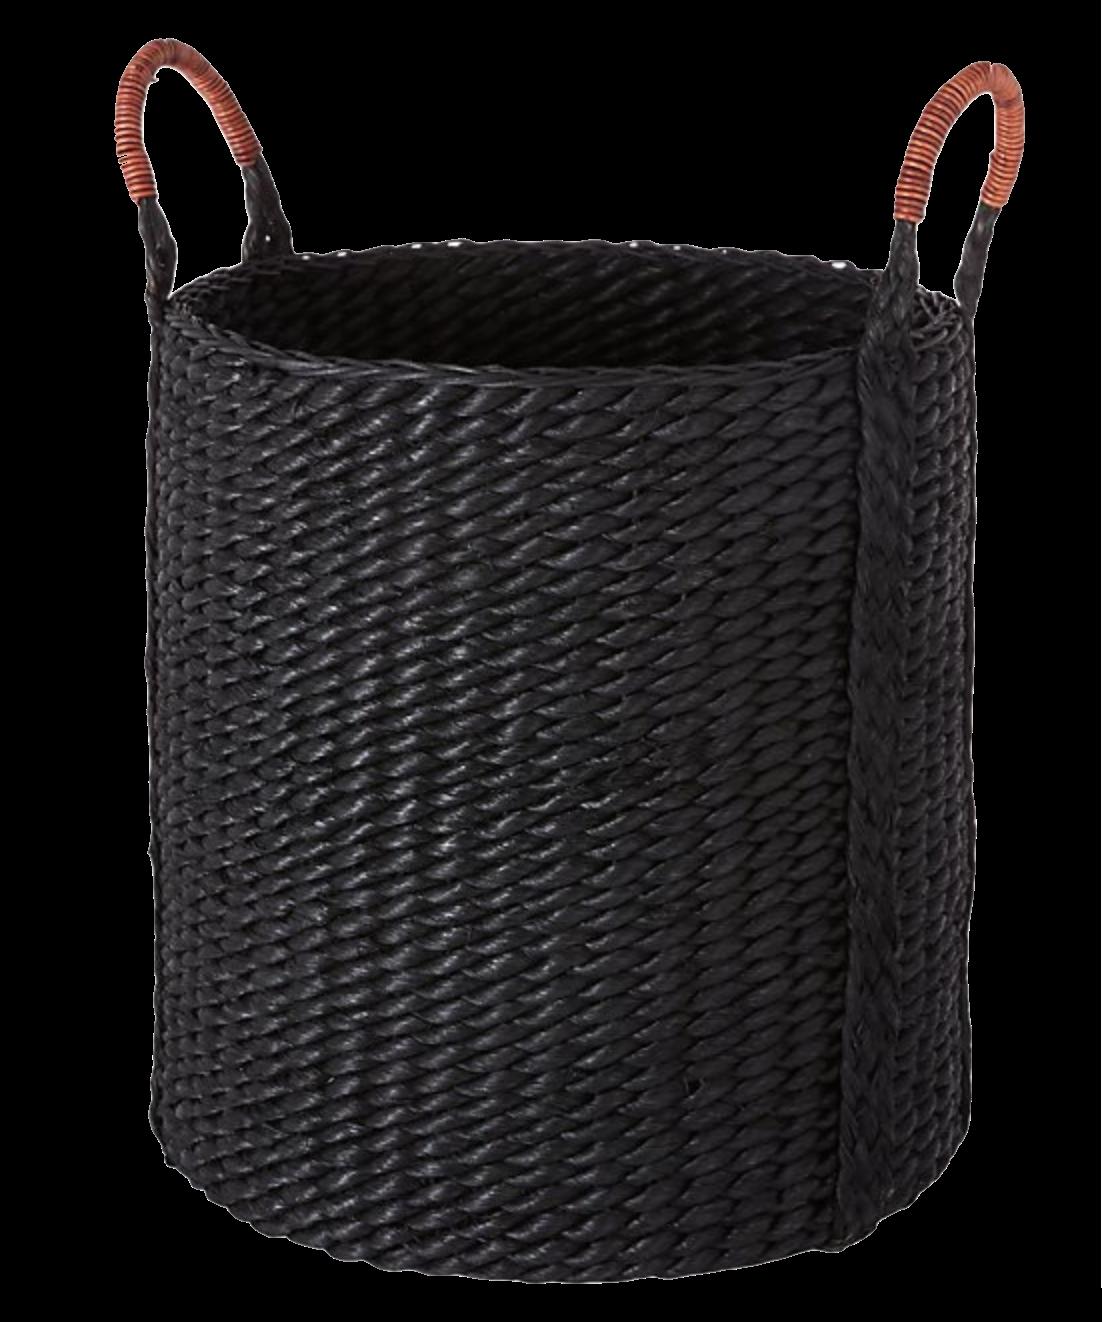 Black Woven Basket